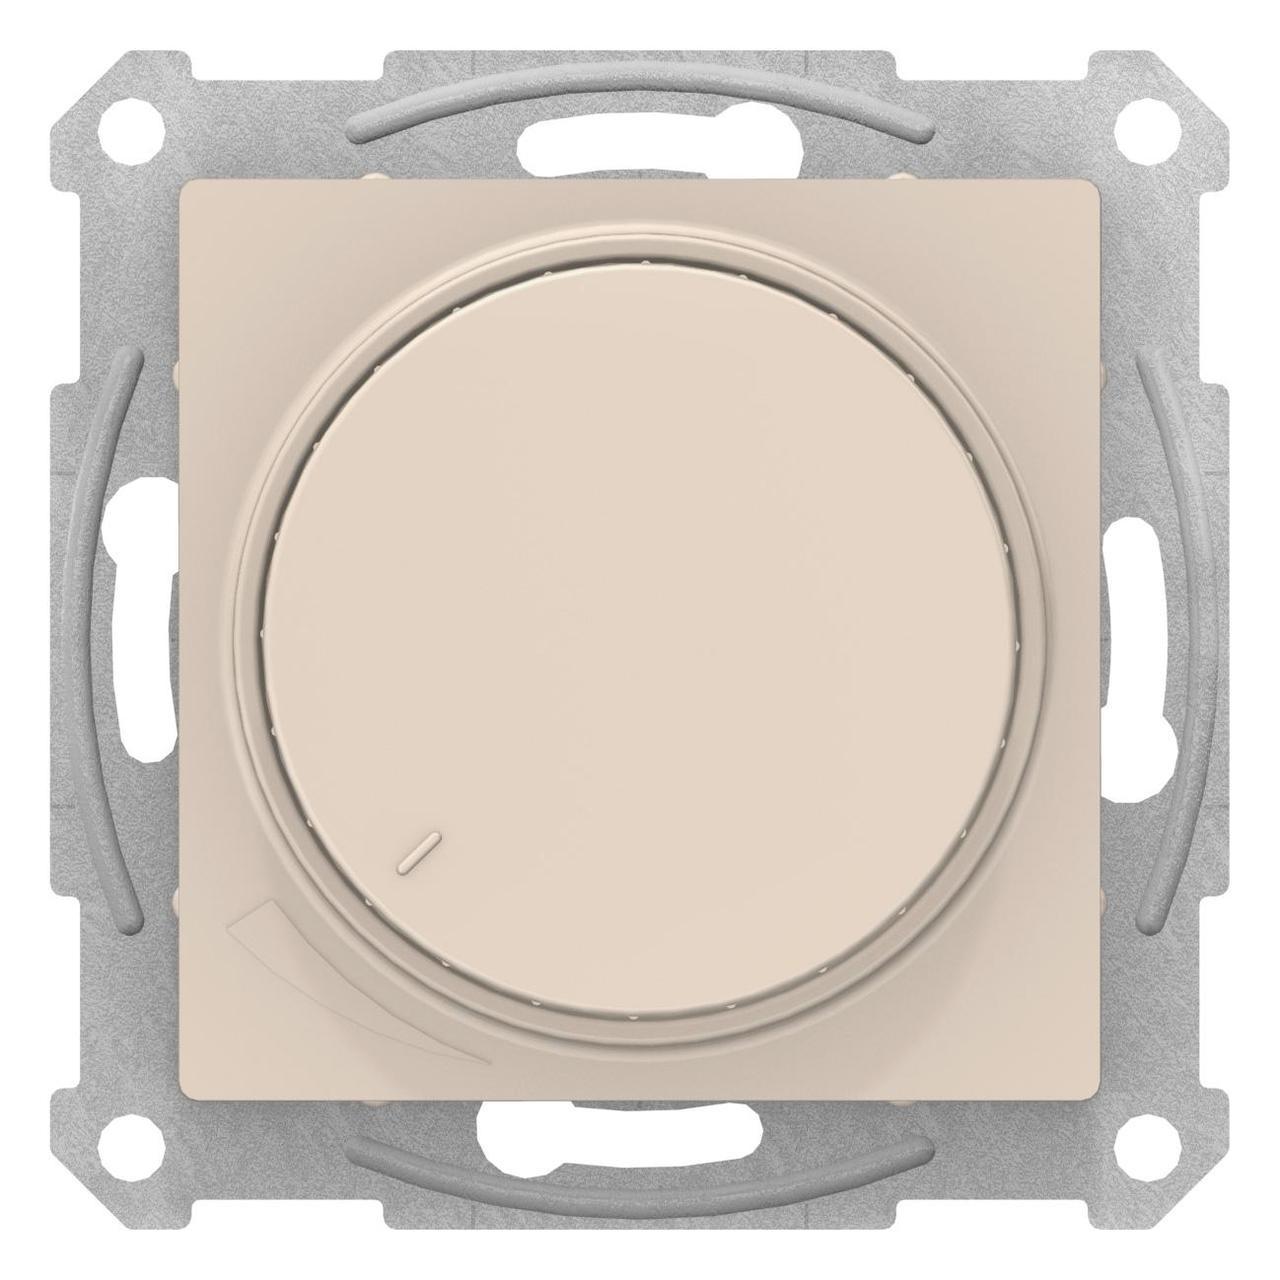 Диммер поворотно-нажимной , 600Вт для ламп накаливания , Бежевый, серия Atlas Design, Schneider Electric